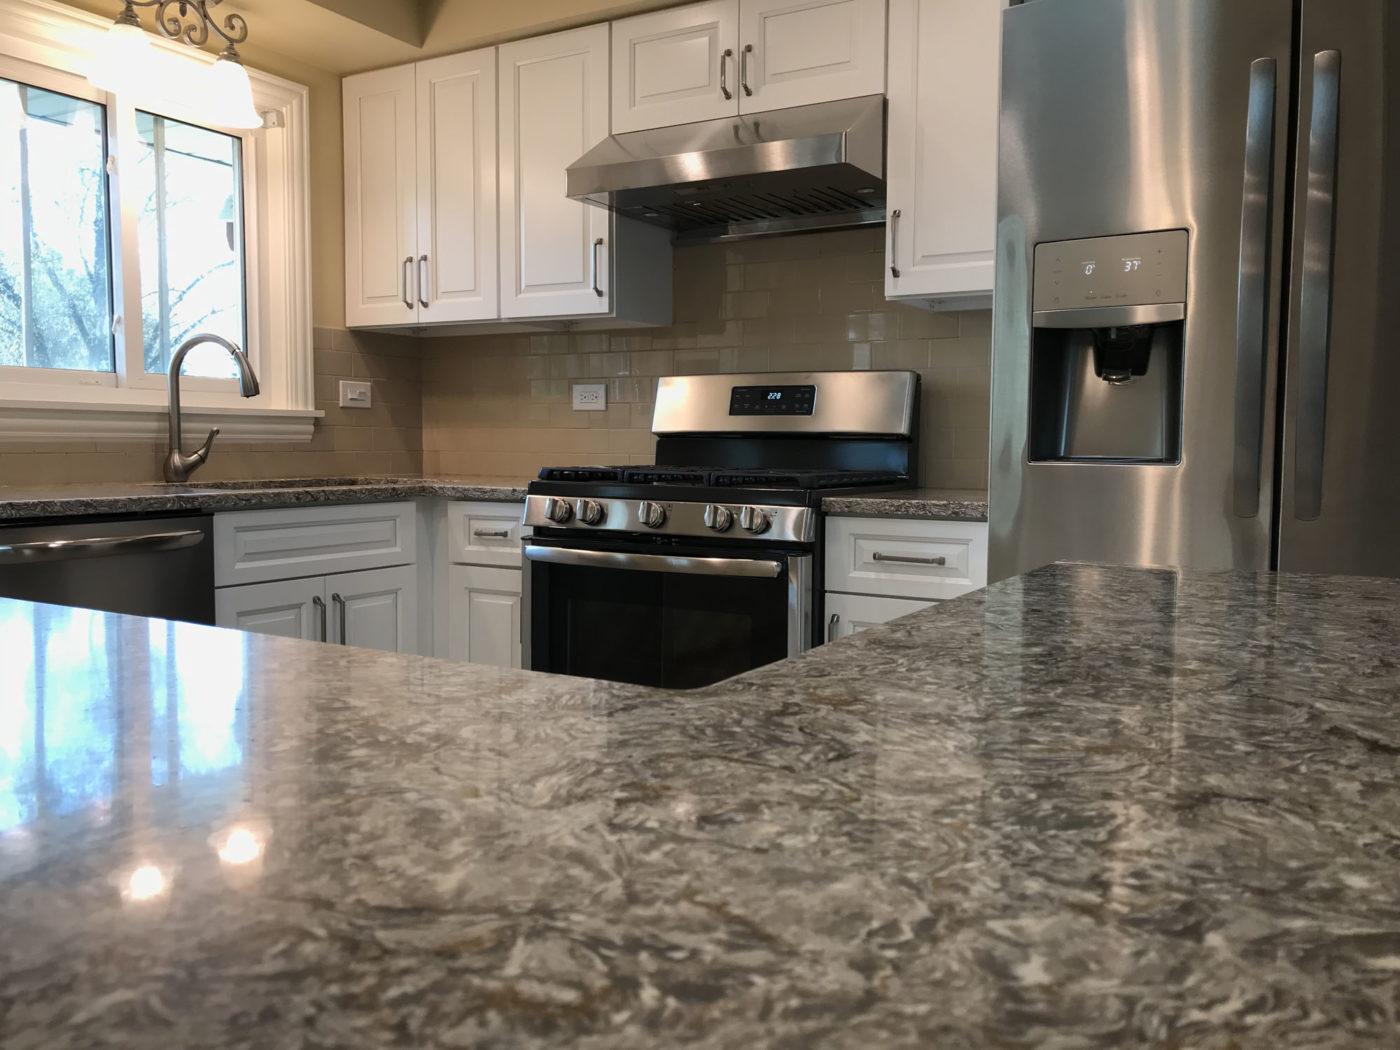 Kitchen Remodeling in Schaumburg Illinois